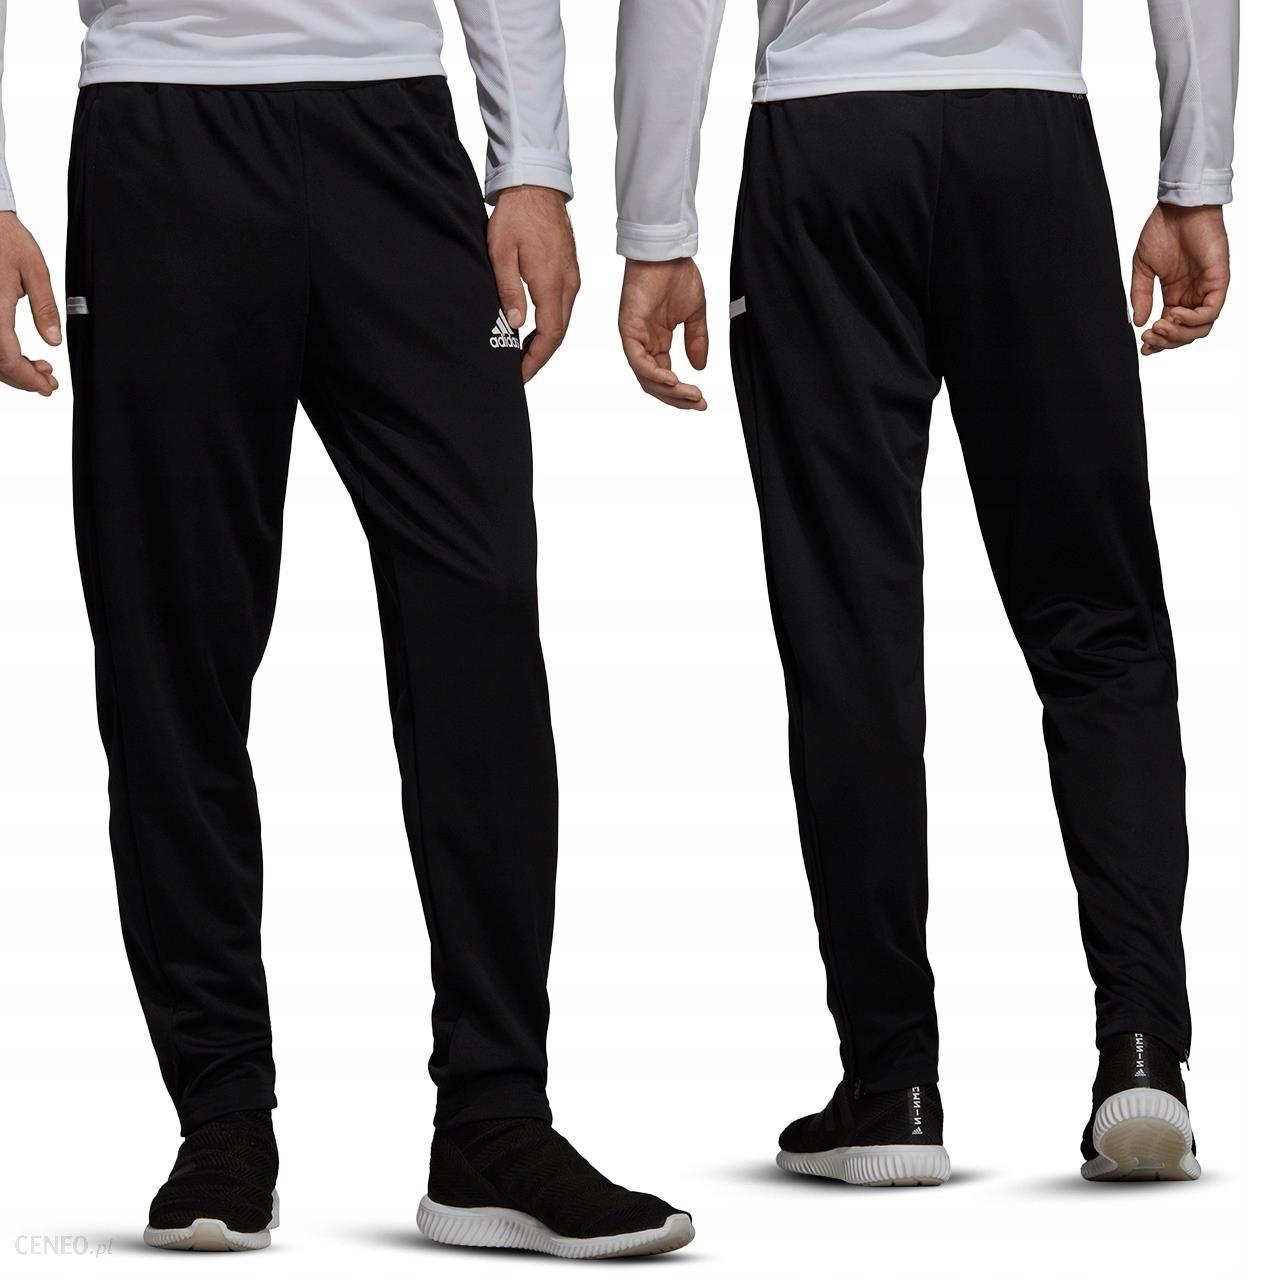 Spodnie dresowe męskie adidas czarne DW6862 3XL Ceny i opinie Ceneo.pl